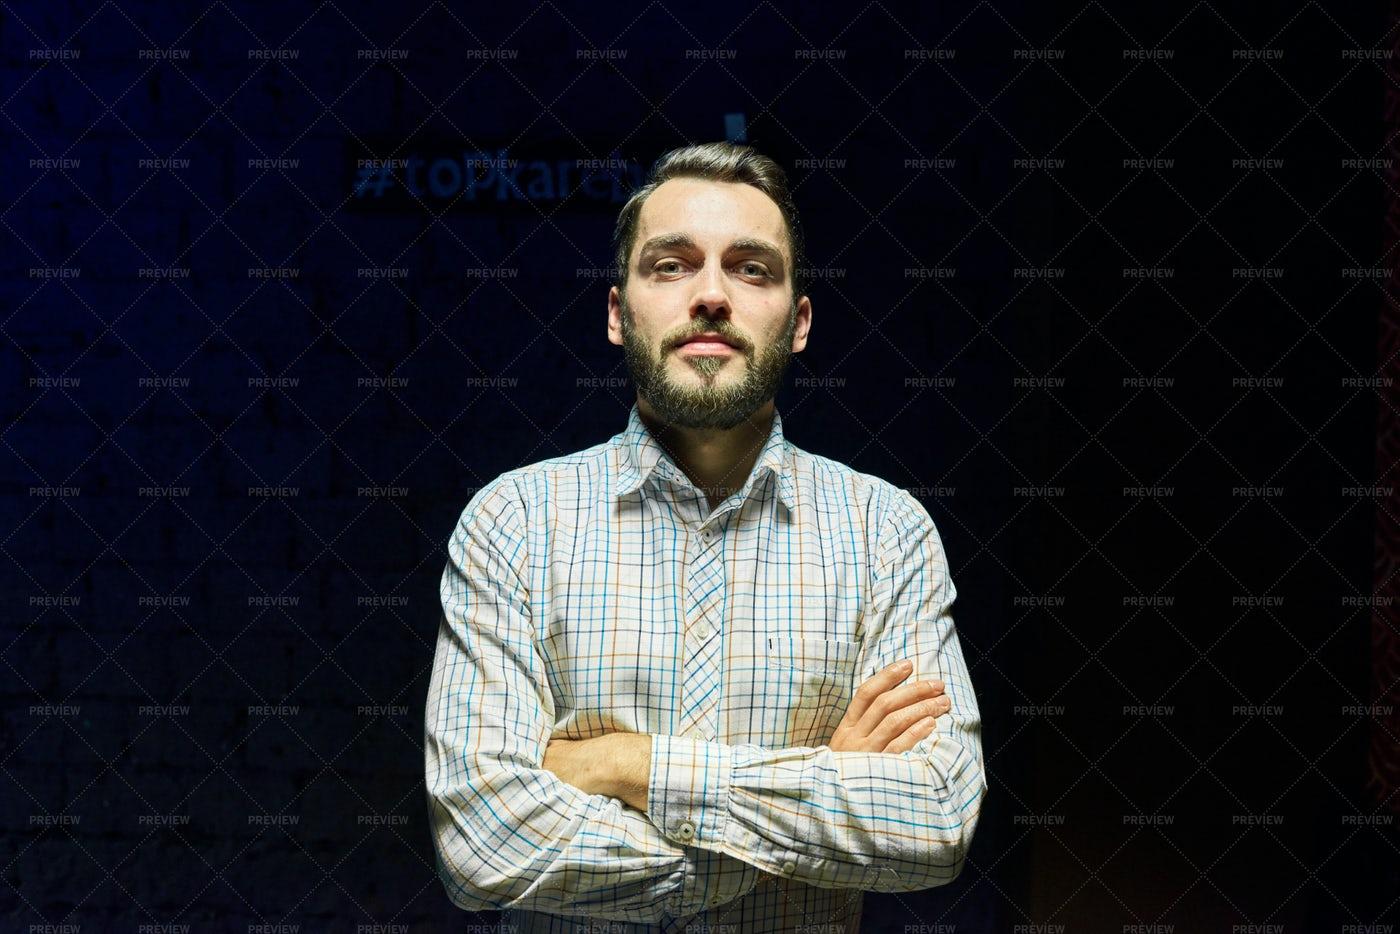 Contemporary Young Man In The Dark: Stock Photos